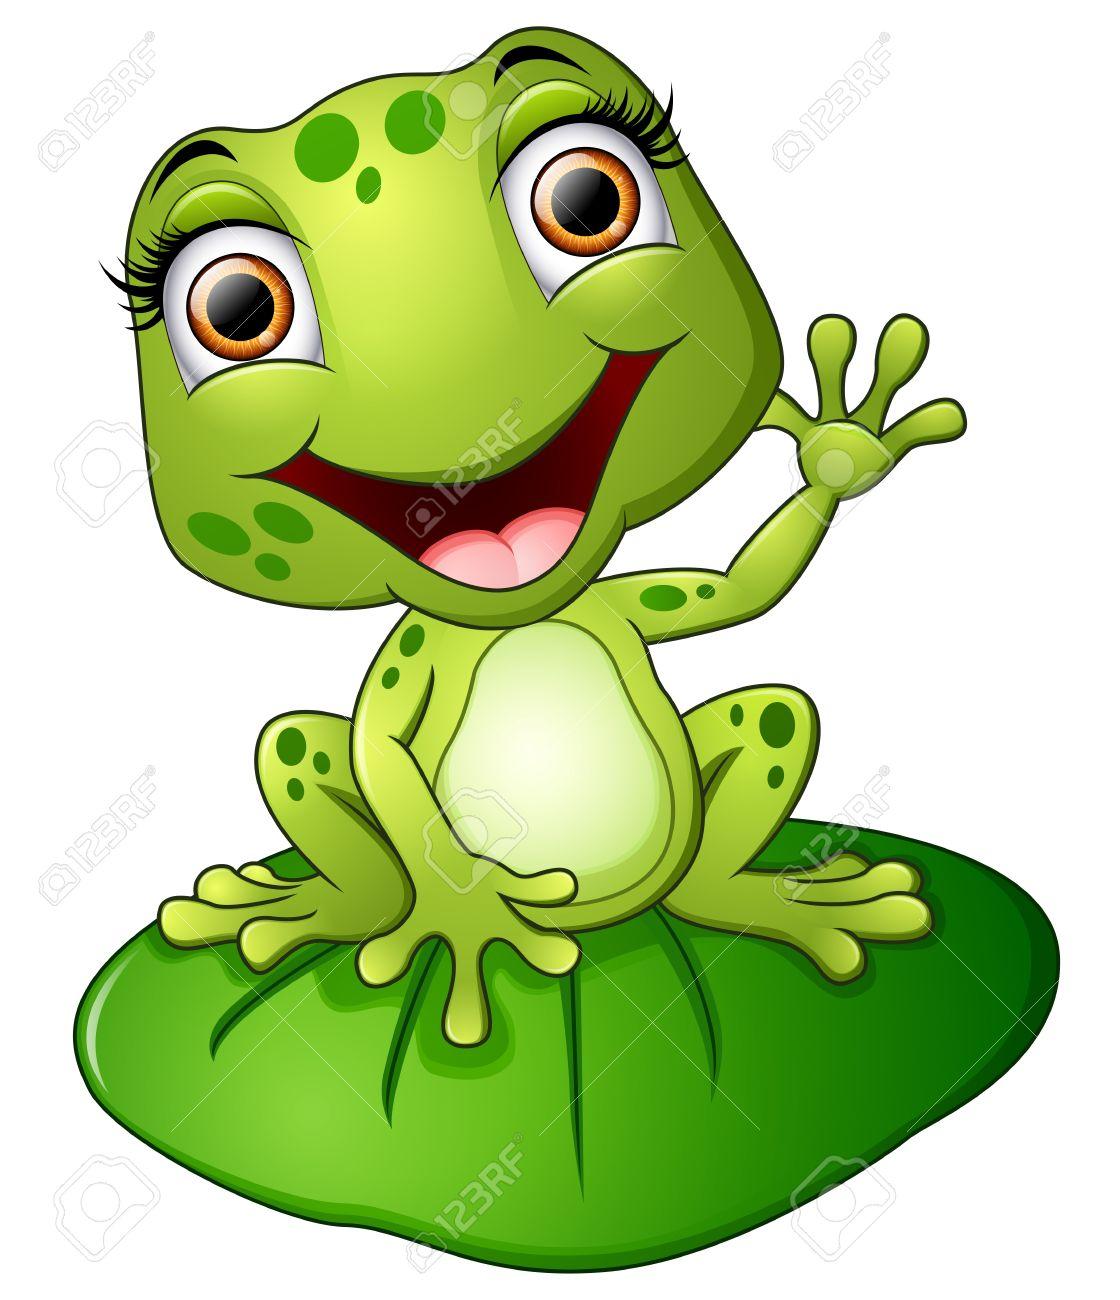 Cartoon frog sitting on the leaf - 58810177